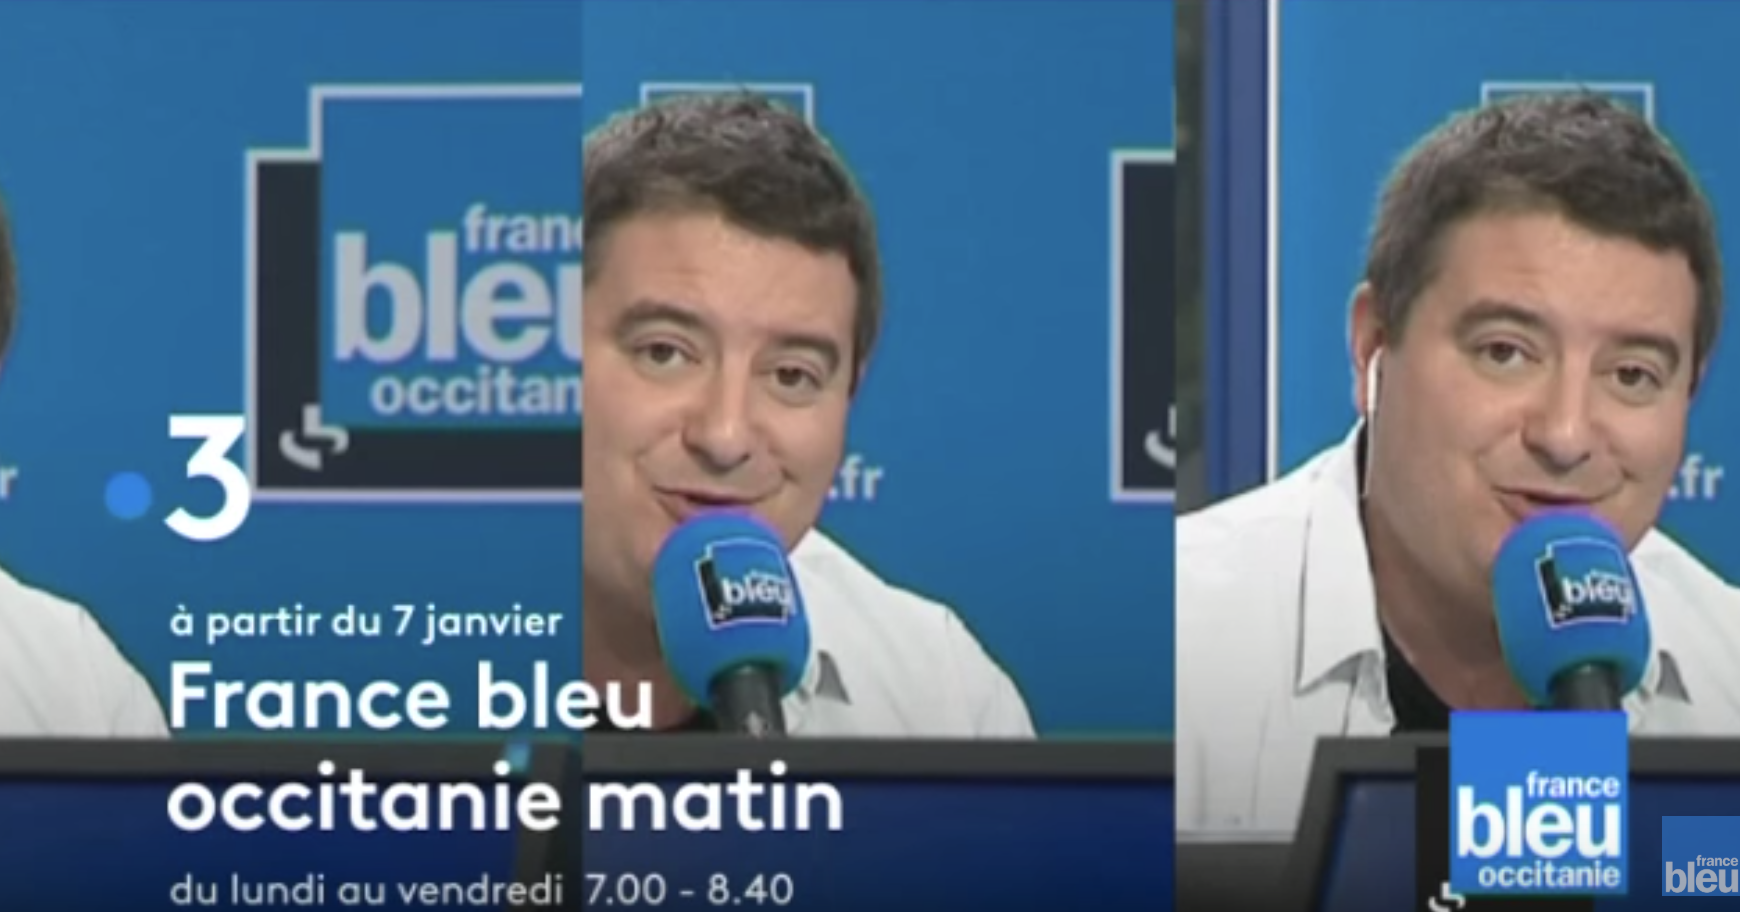 France 3 Nice et Toulouse vont diffuser les matinales de France Bleu. Photo capture France 3